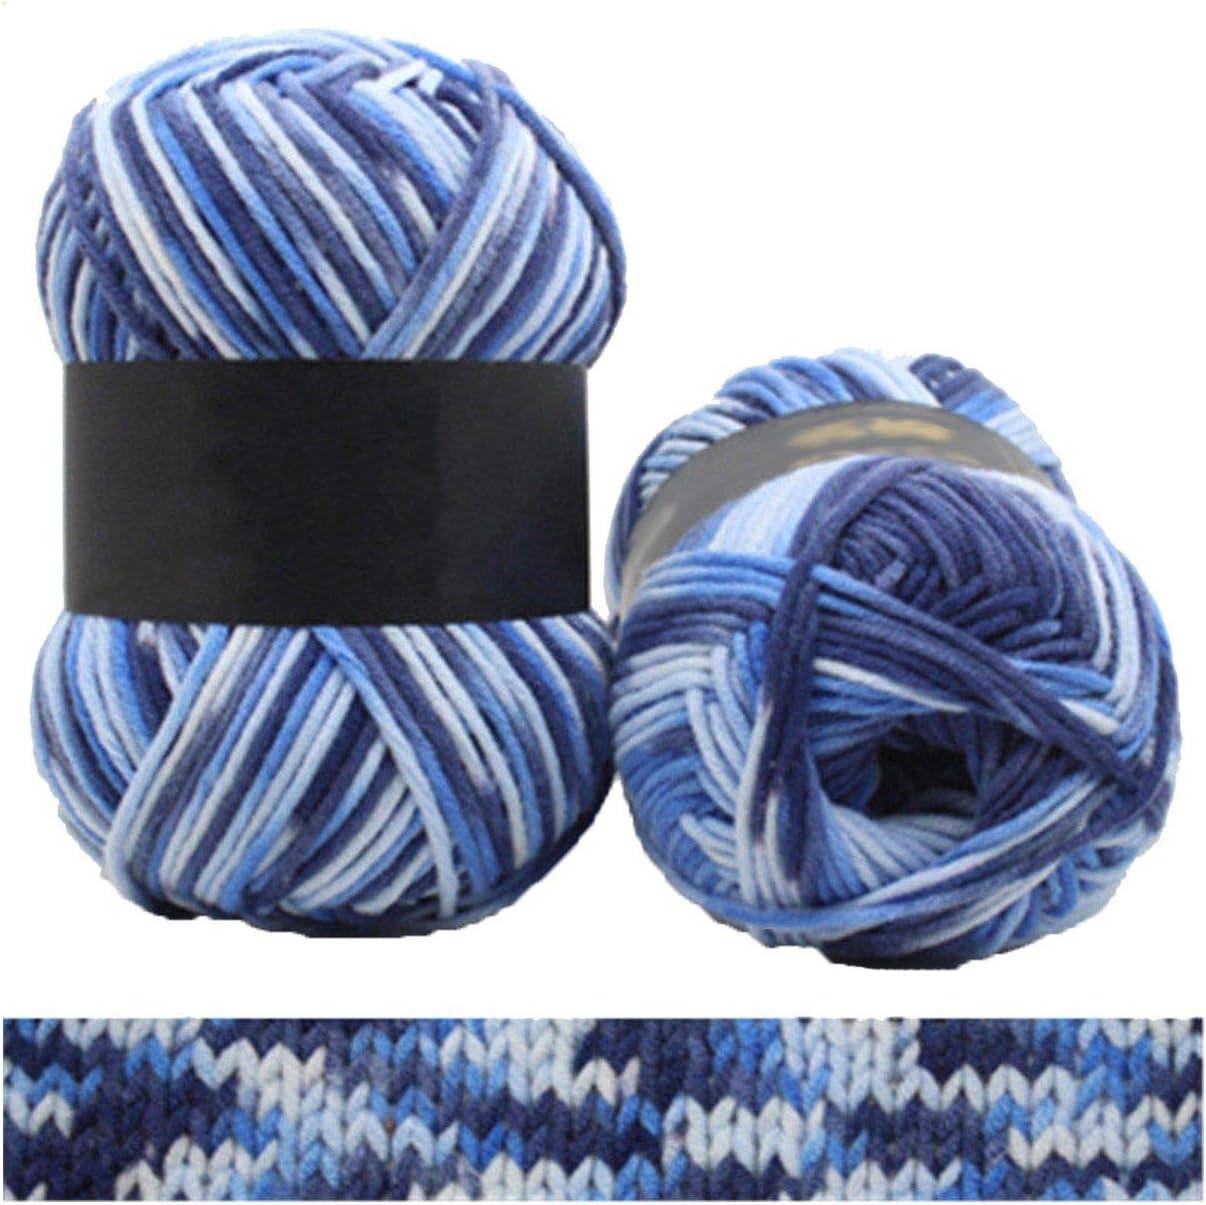 1 ovillo de hilo de algodón de 100 g para tejer, algodón, N3 ...